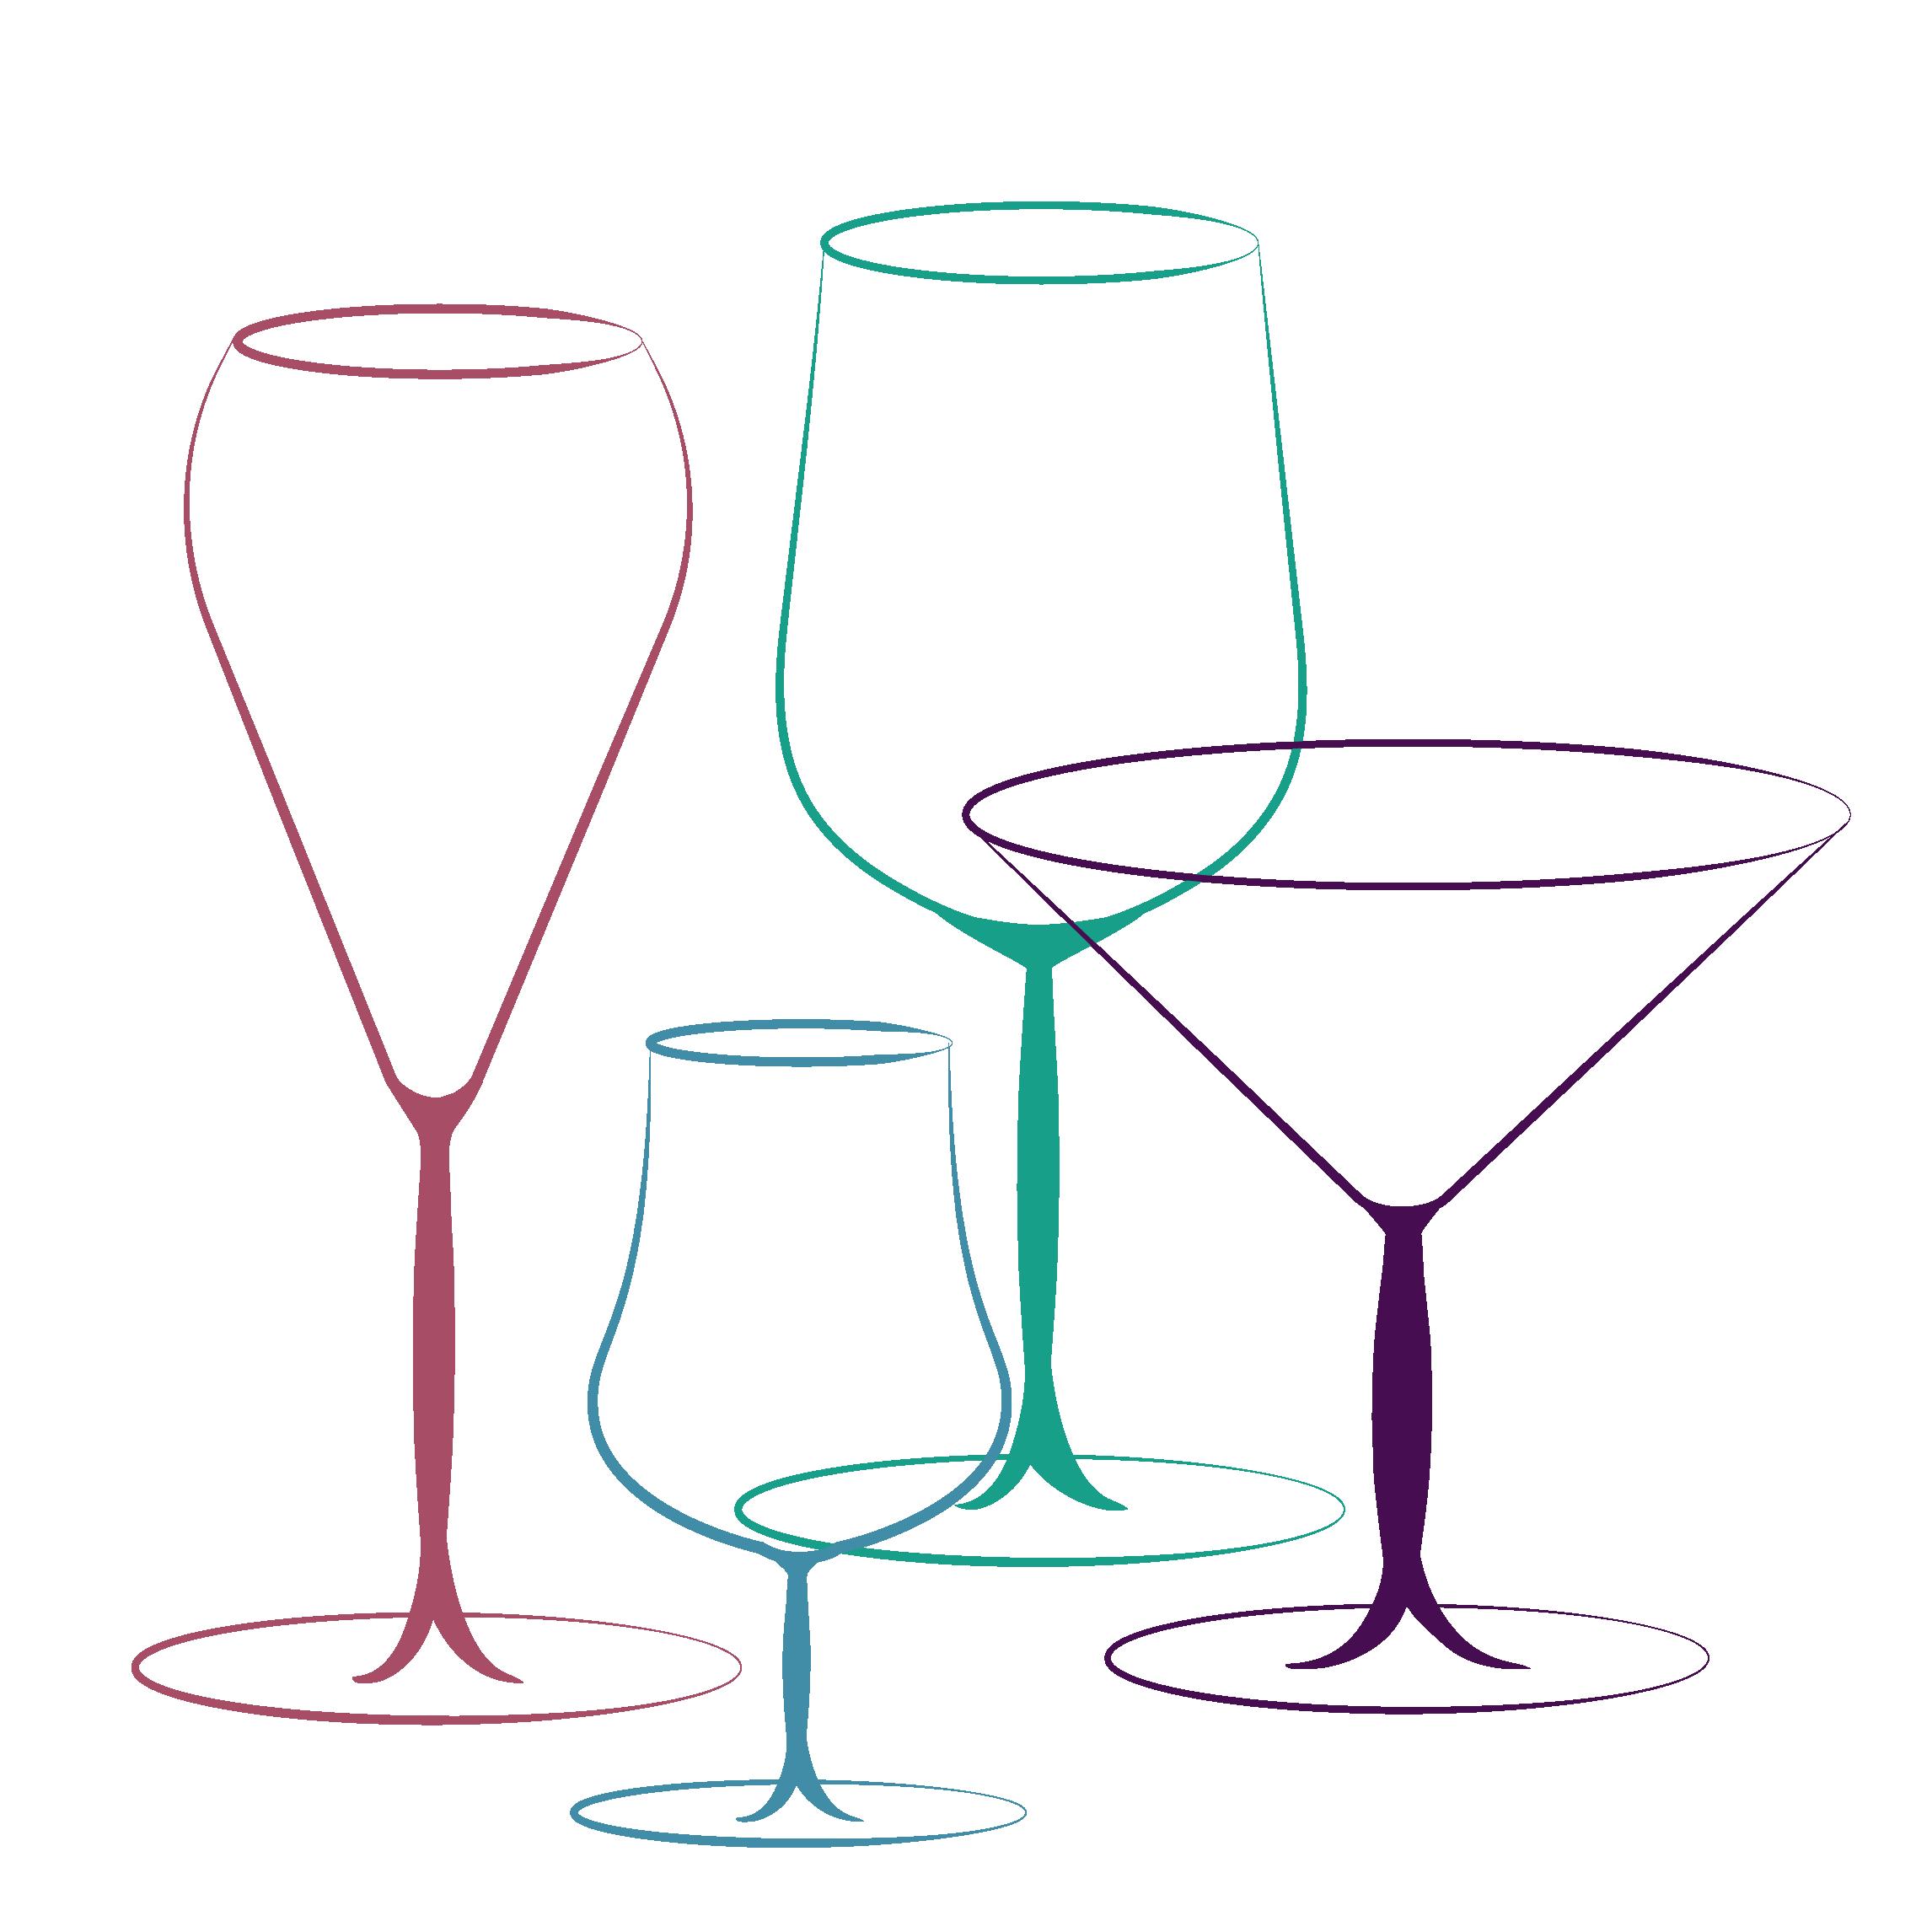 Drawings of cocktailglasses